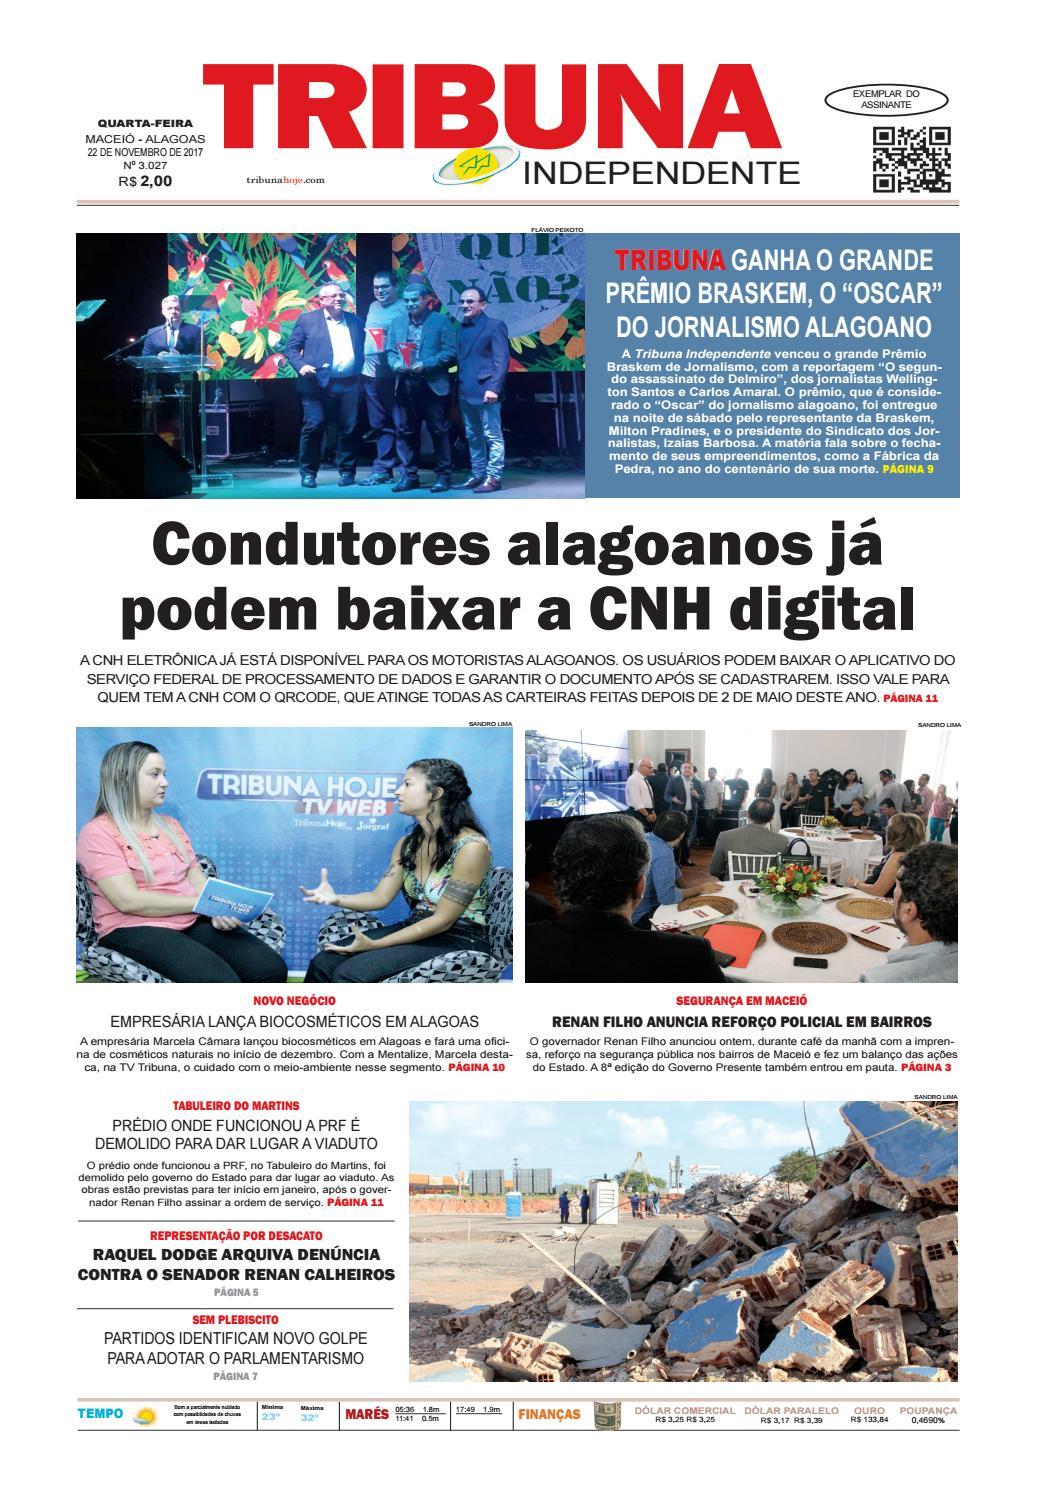 e7b5f8513a1 Edição número 3027 - 22 de novembro de 2017 by Tribuna Hoje - issuu